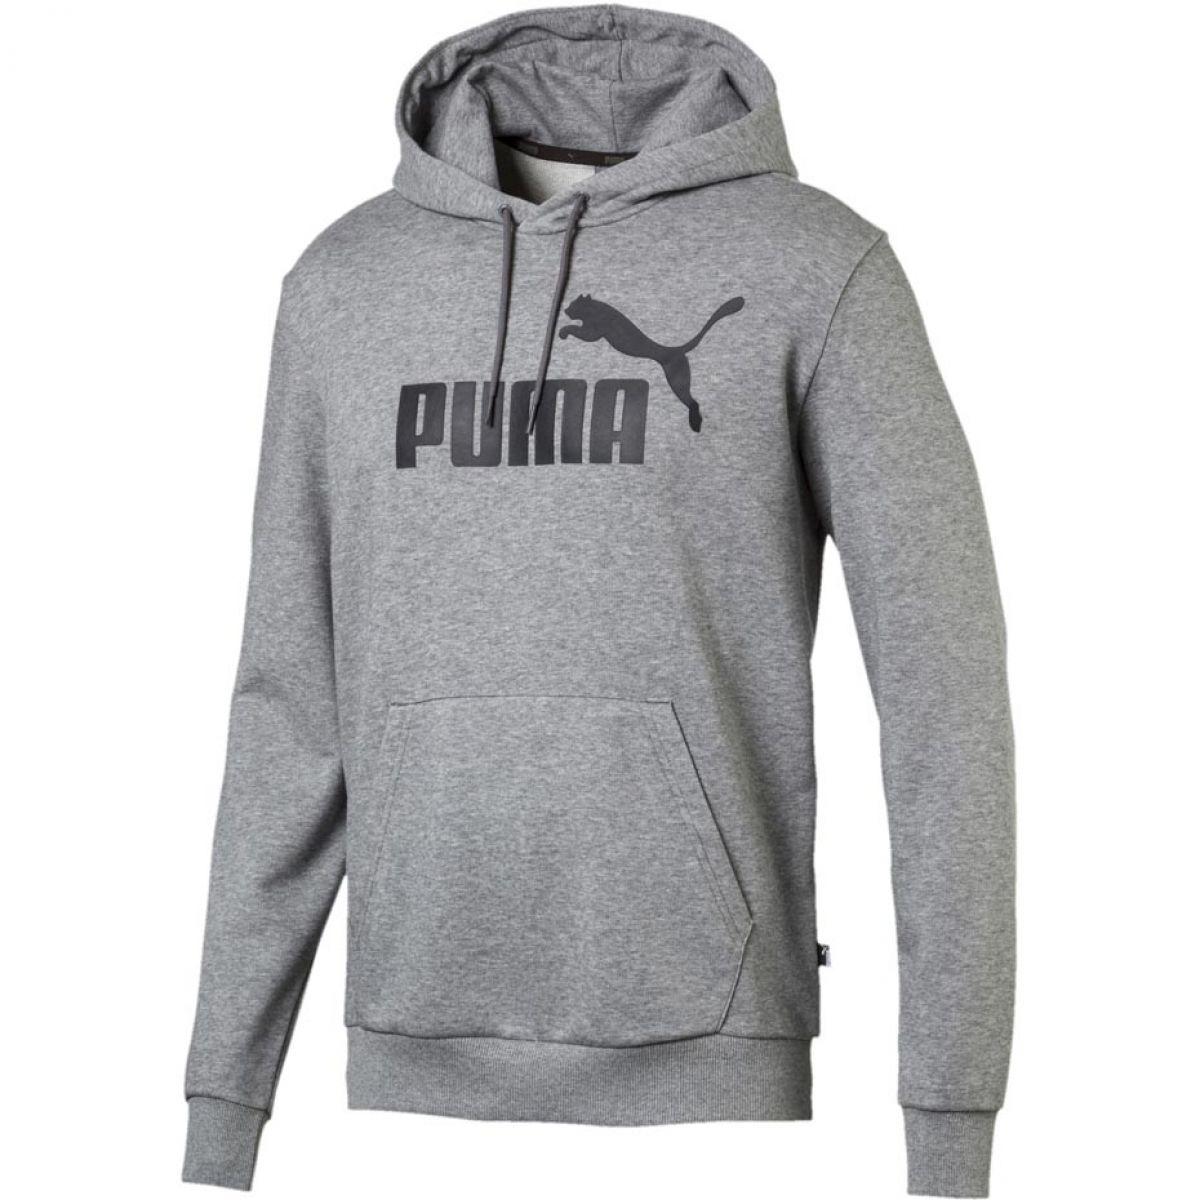 Hoodie à capuche Puma Essentials gris